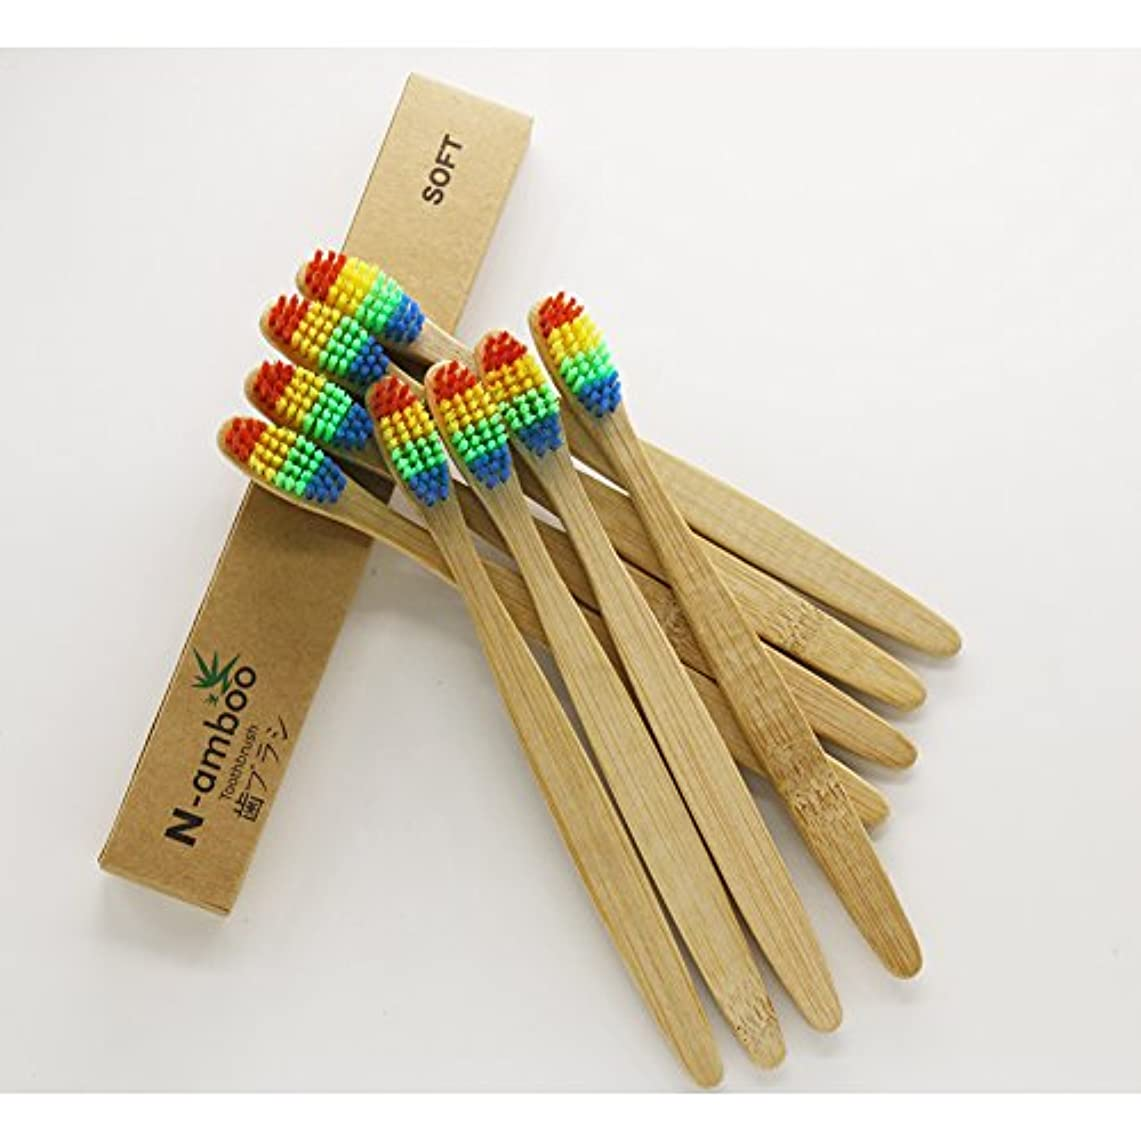 警官必要としている針N-amboo 竹製 耐久度高い 歯ブラシ 四色 虹(にじ) 8本入り ファミリー セット